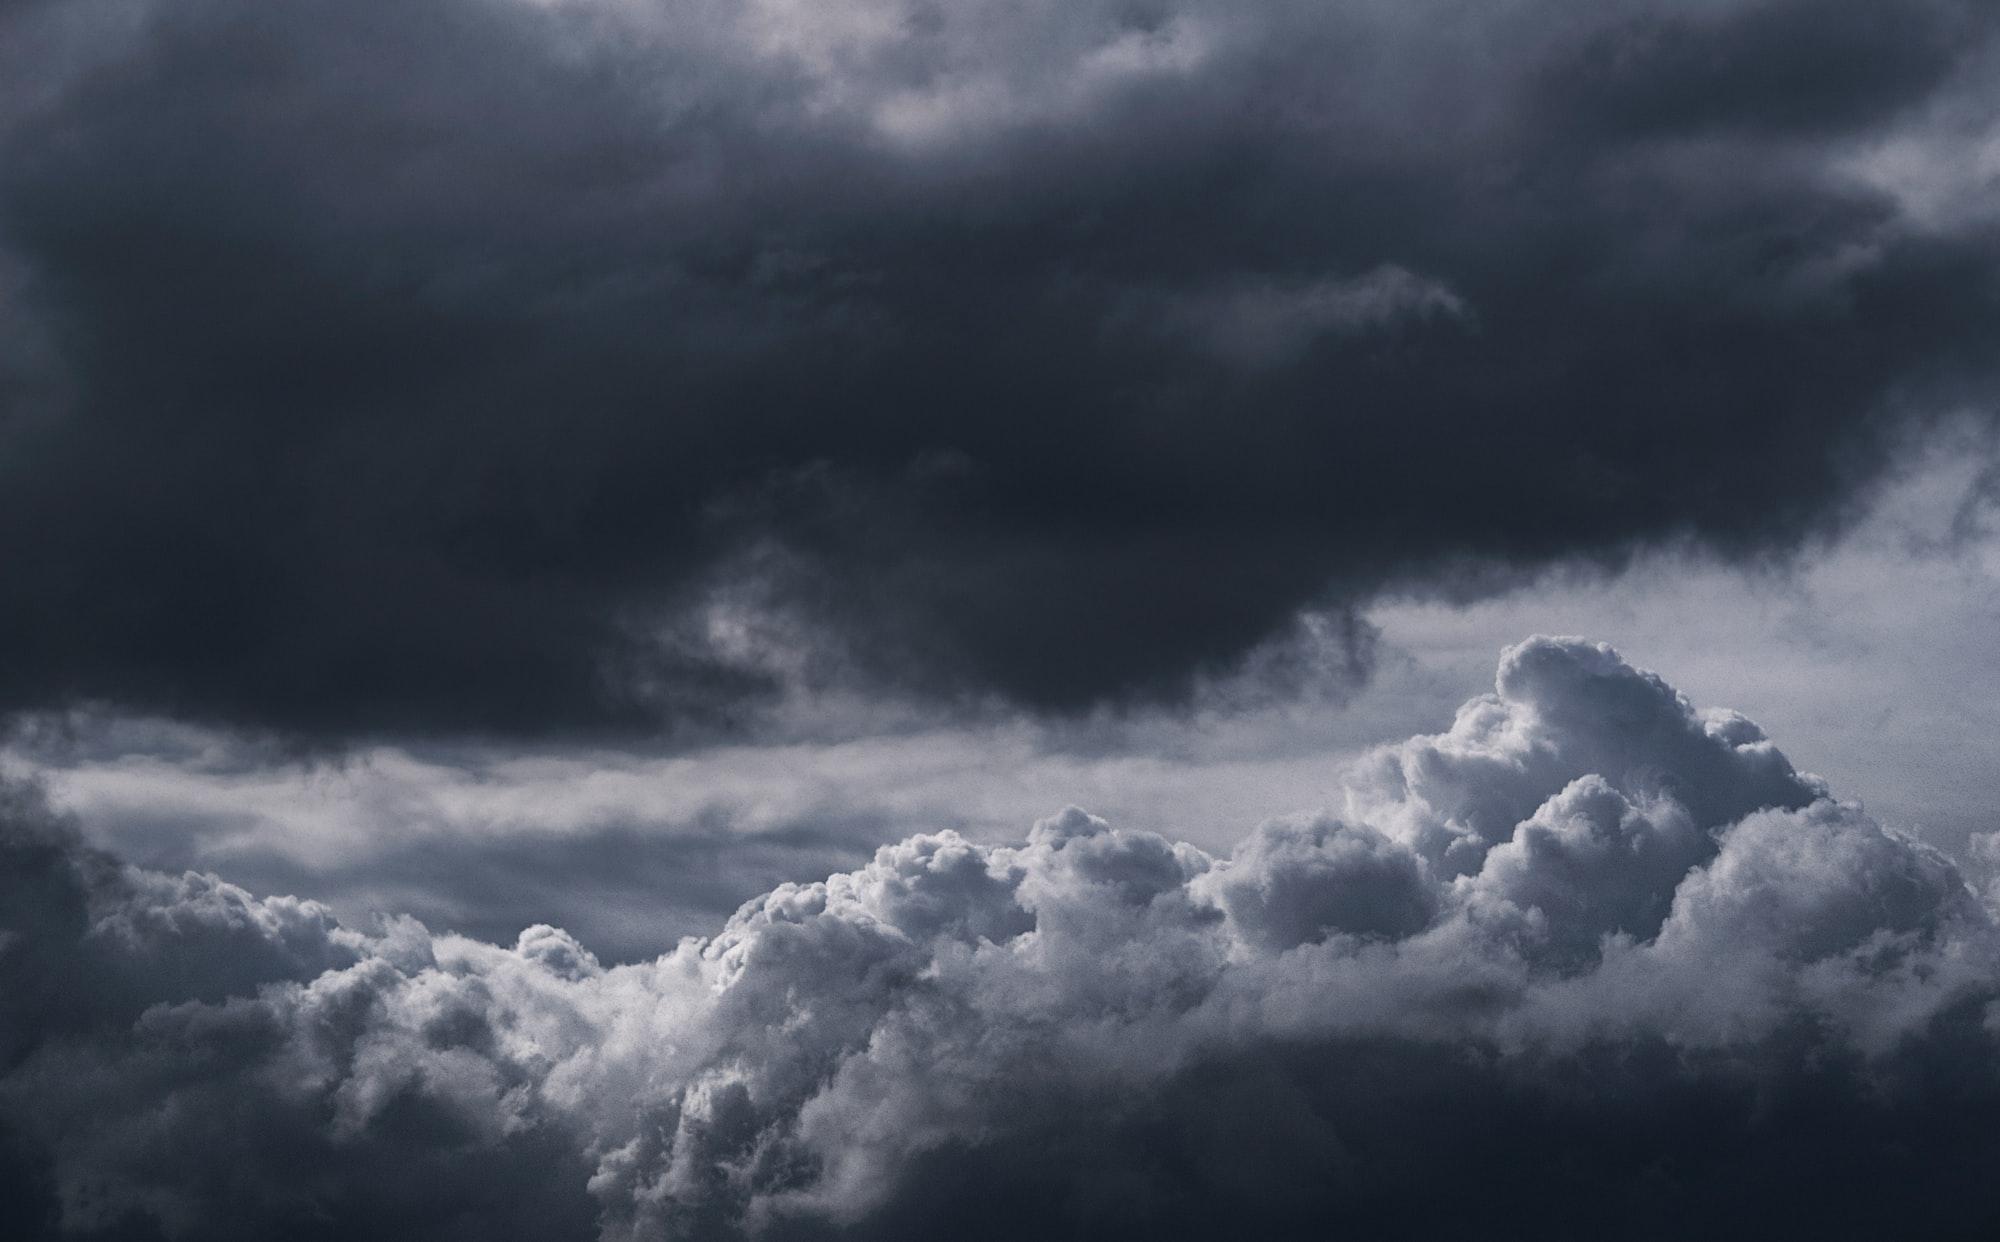 Штормовые облака помогут сделать удачное фото